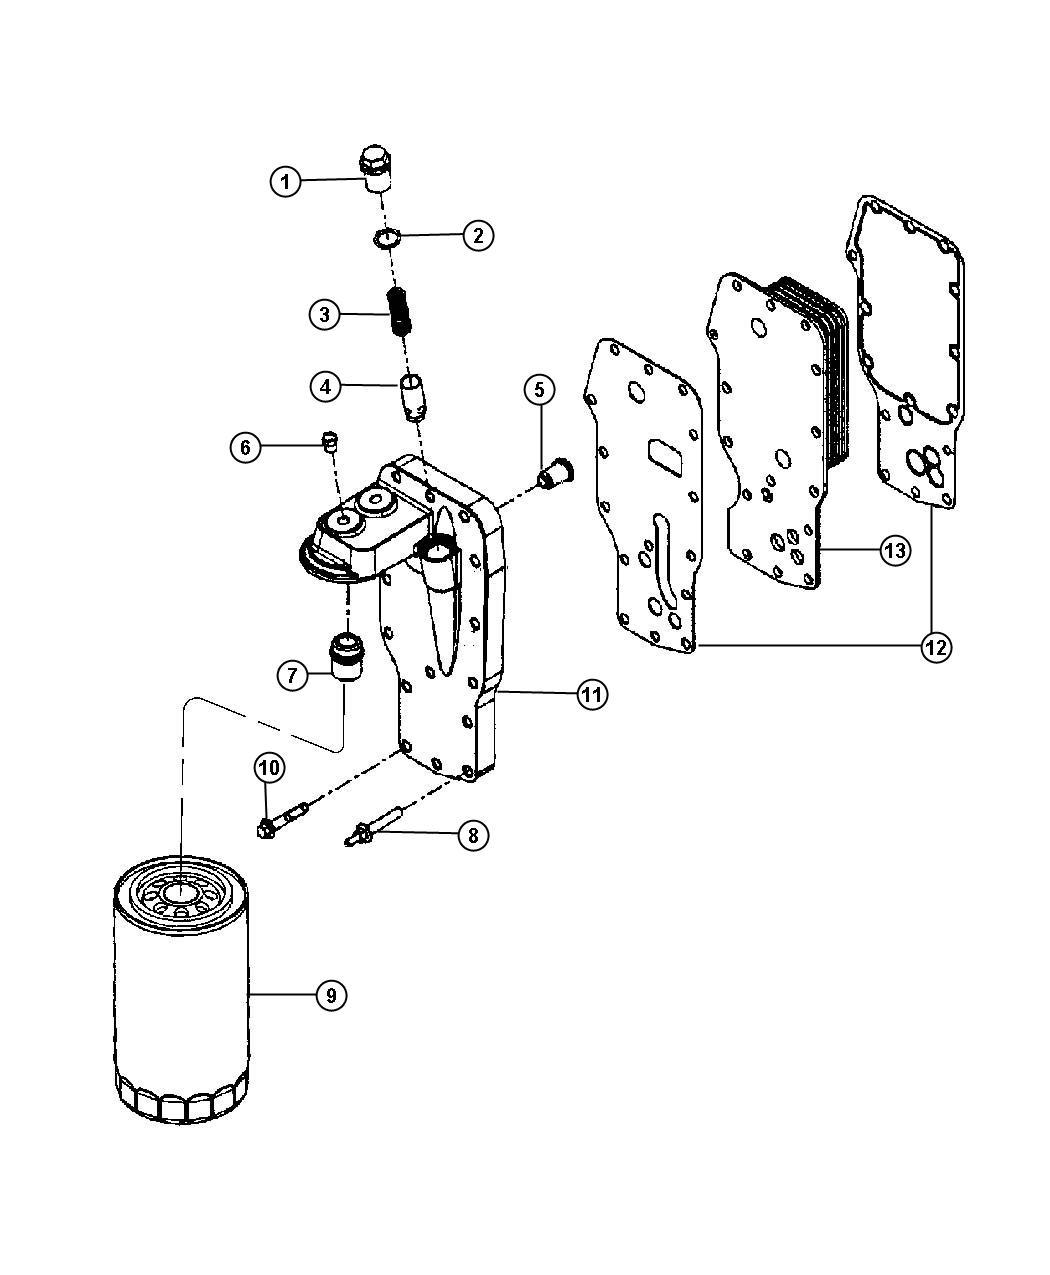 Dodge Ram 2500 Plunger. Oil pressure regulator, oil